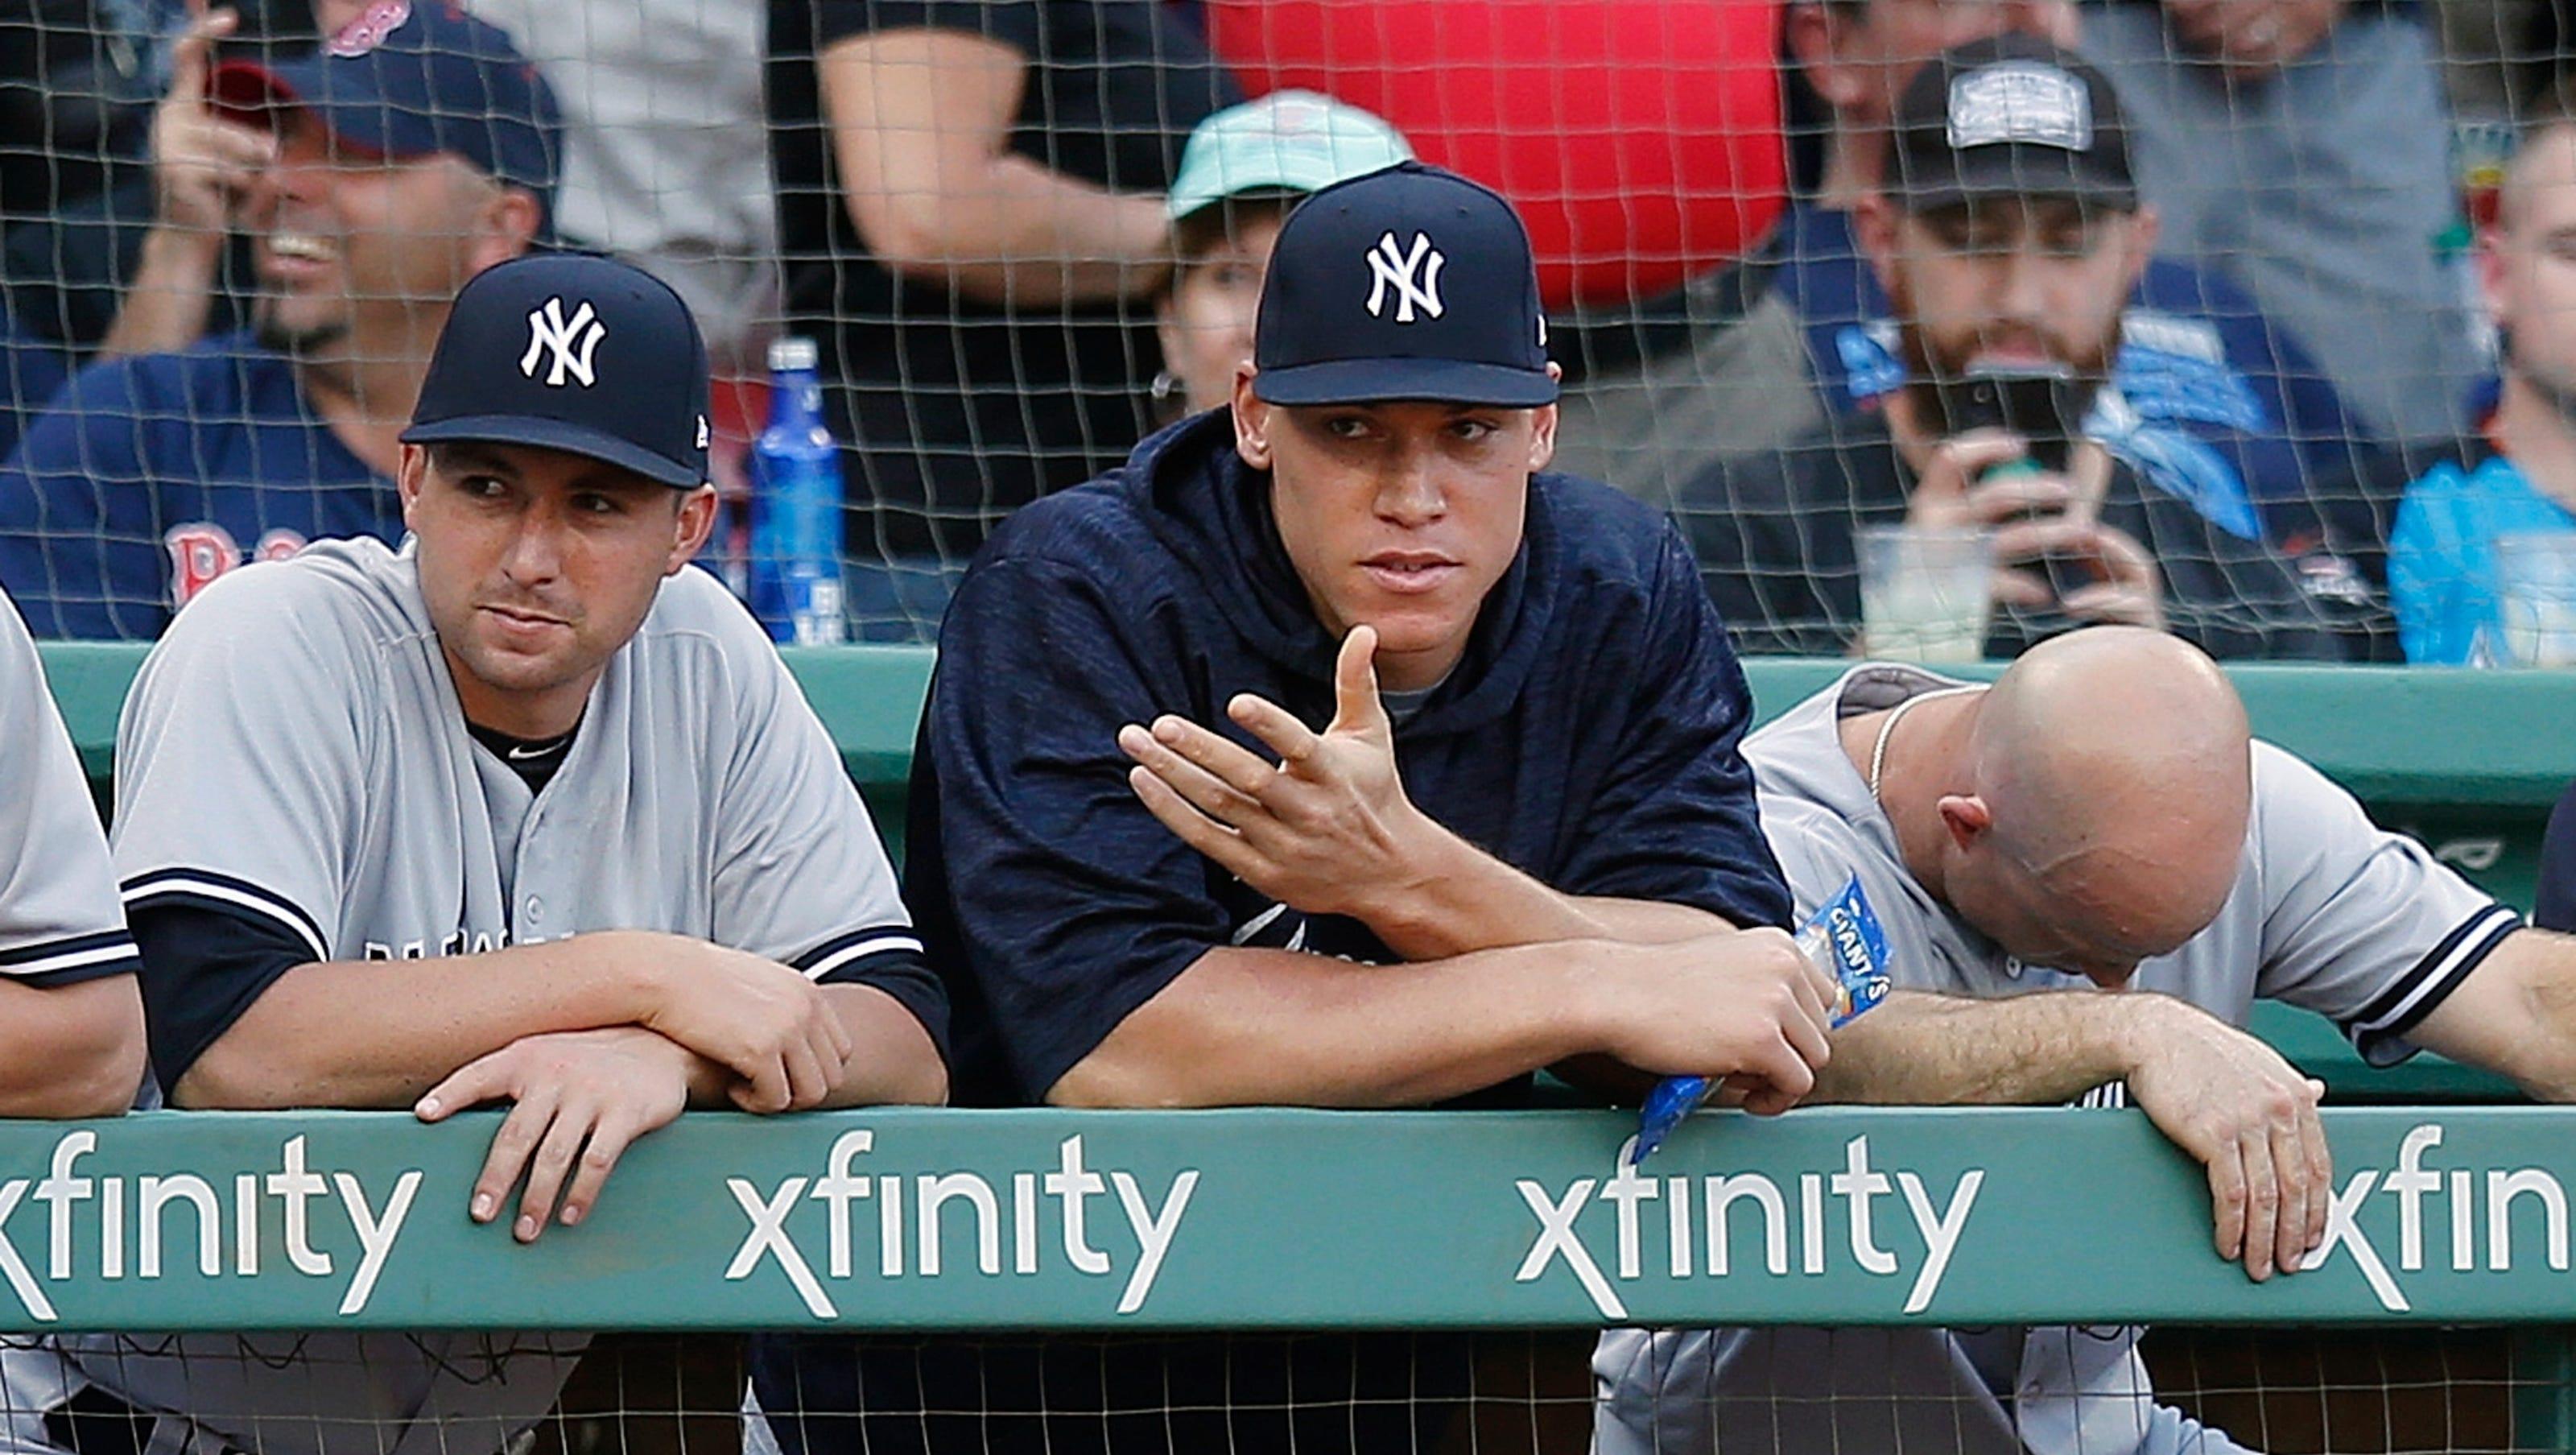 636690272556165391-yankees-red-sox-baseball-32-